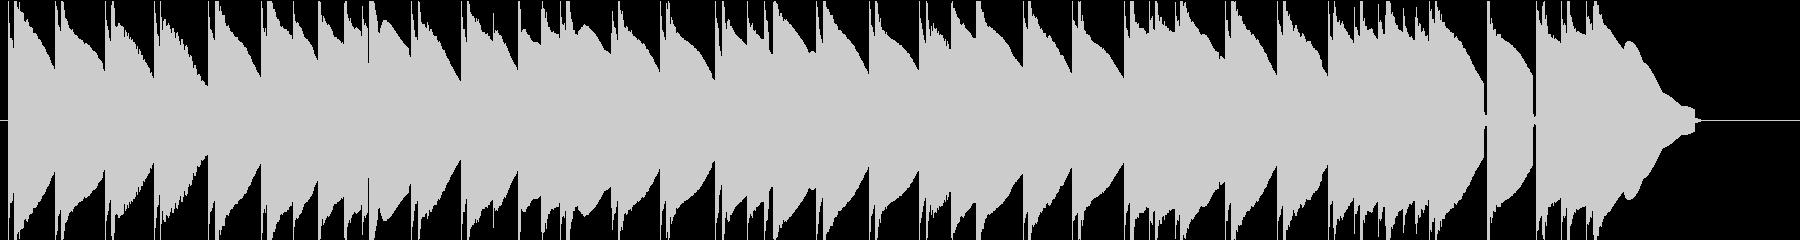 エレピのスローBGMです。の未再生の波形